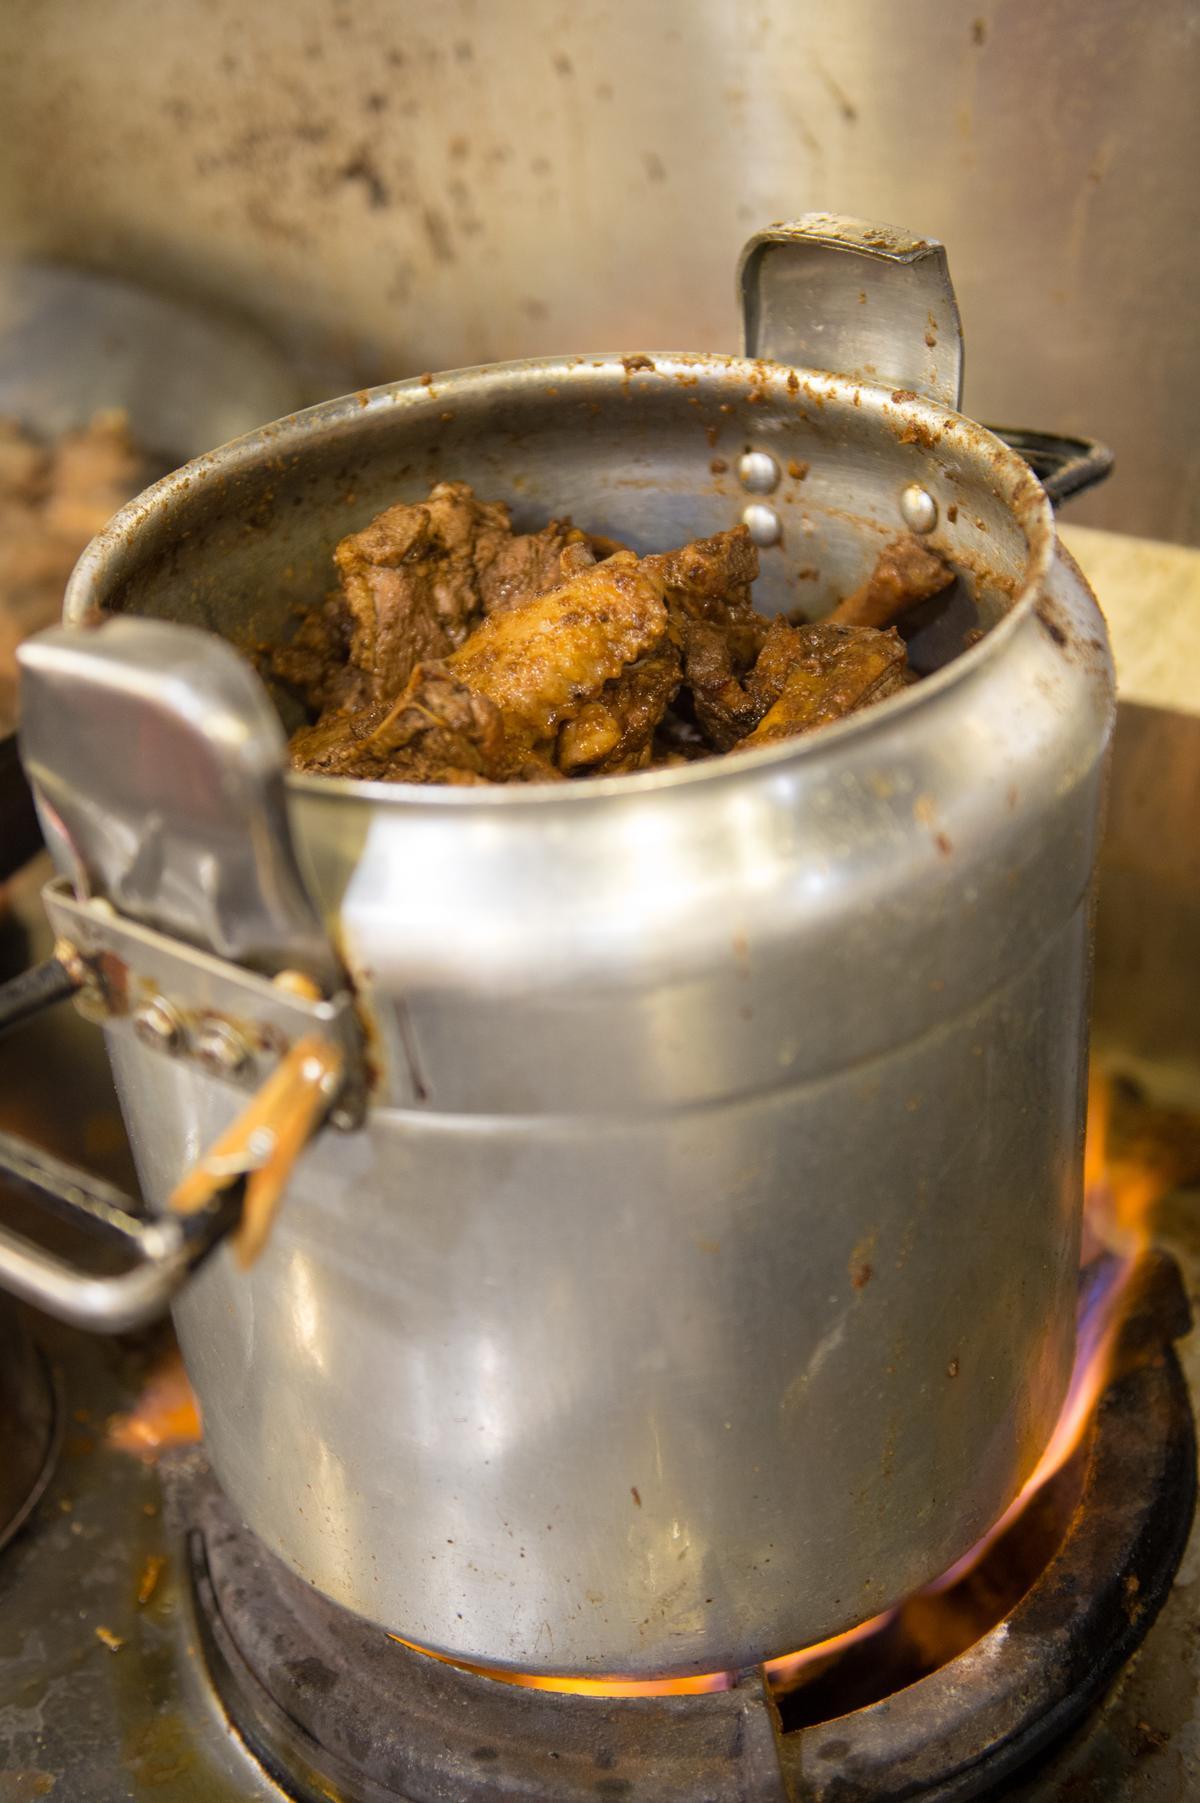 第二道程序是加入中藥粉炒香後的鴨肉,移入快鍋燜煮5至10分鐘,才能盛入陶鍋準備出場。